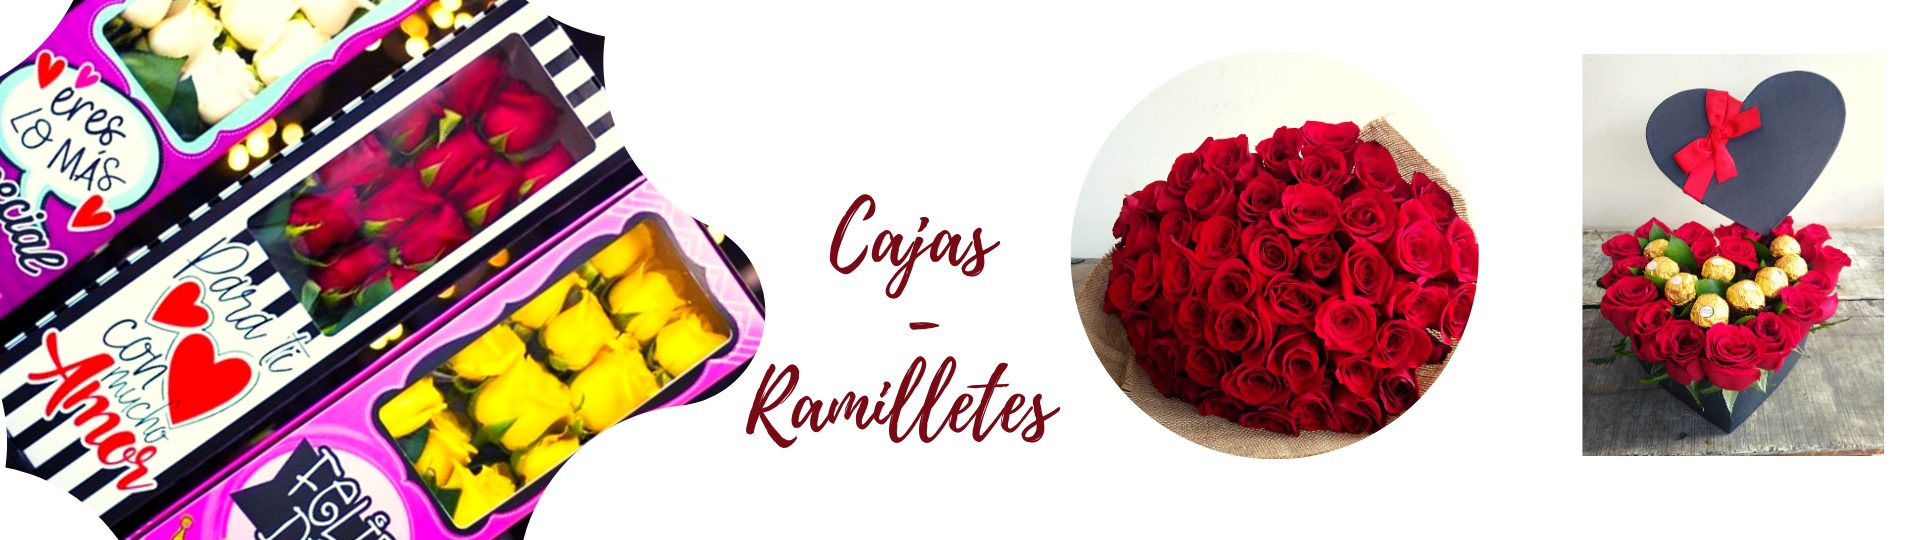 Cajas y ramilletes de flores